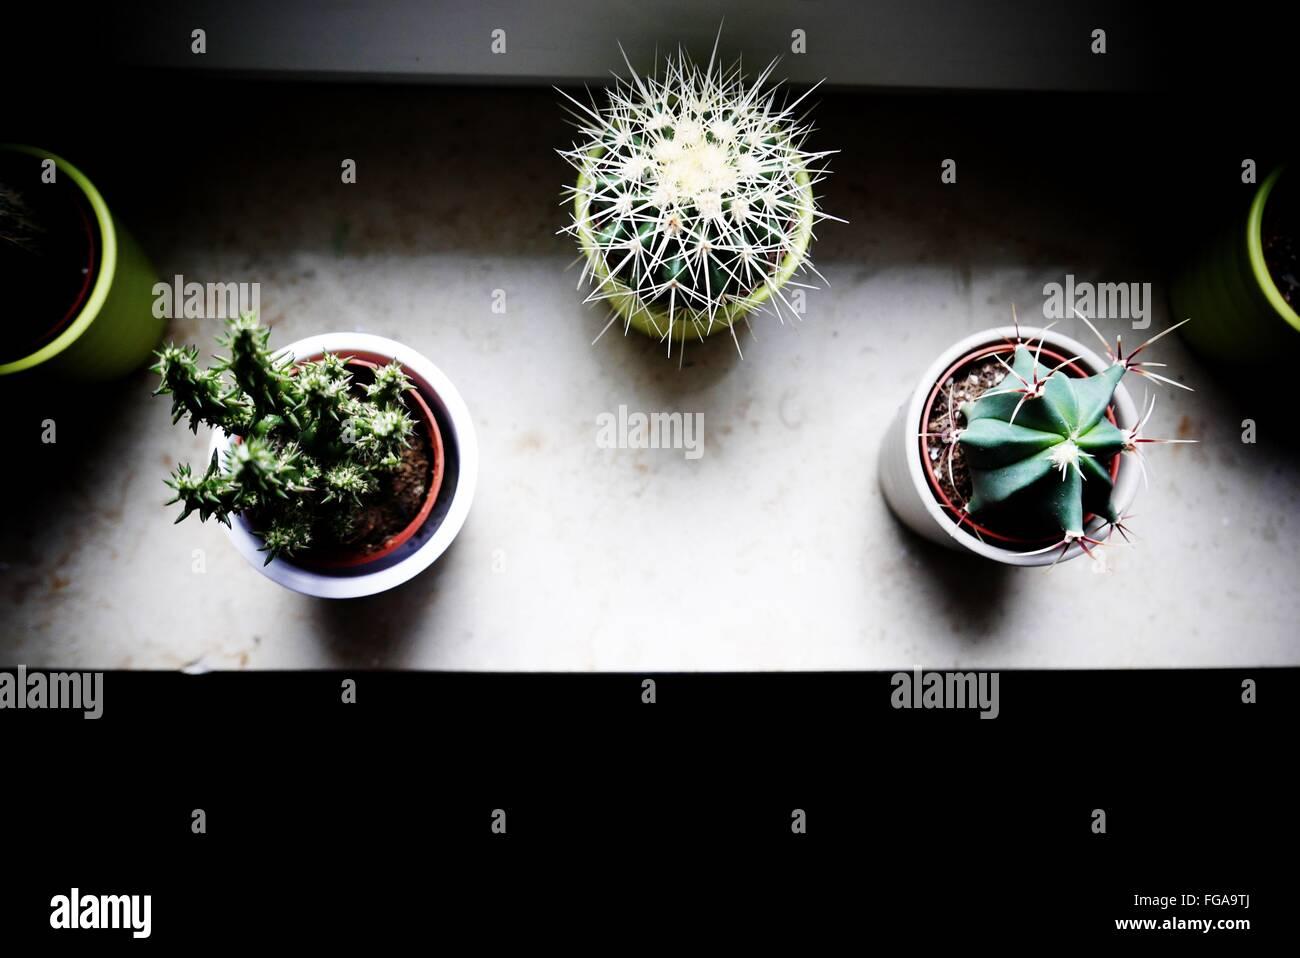 Portrait de plantes en pot sur le rebord de fenêtre à la maison Photo Stock